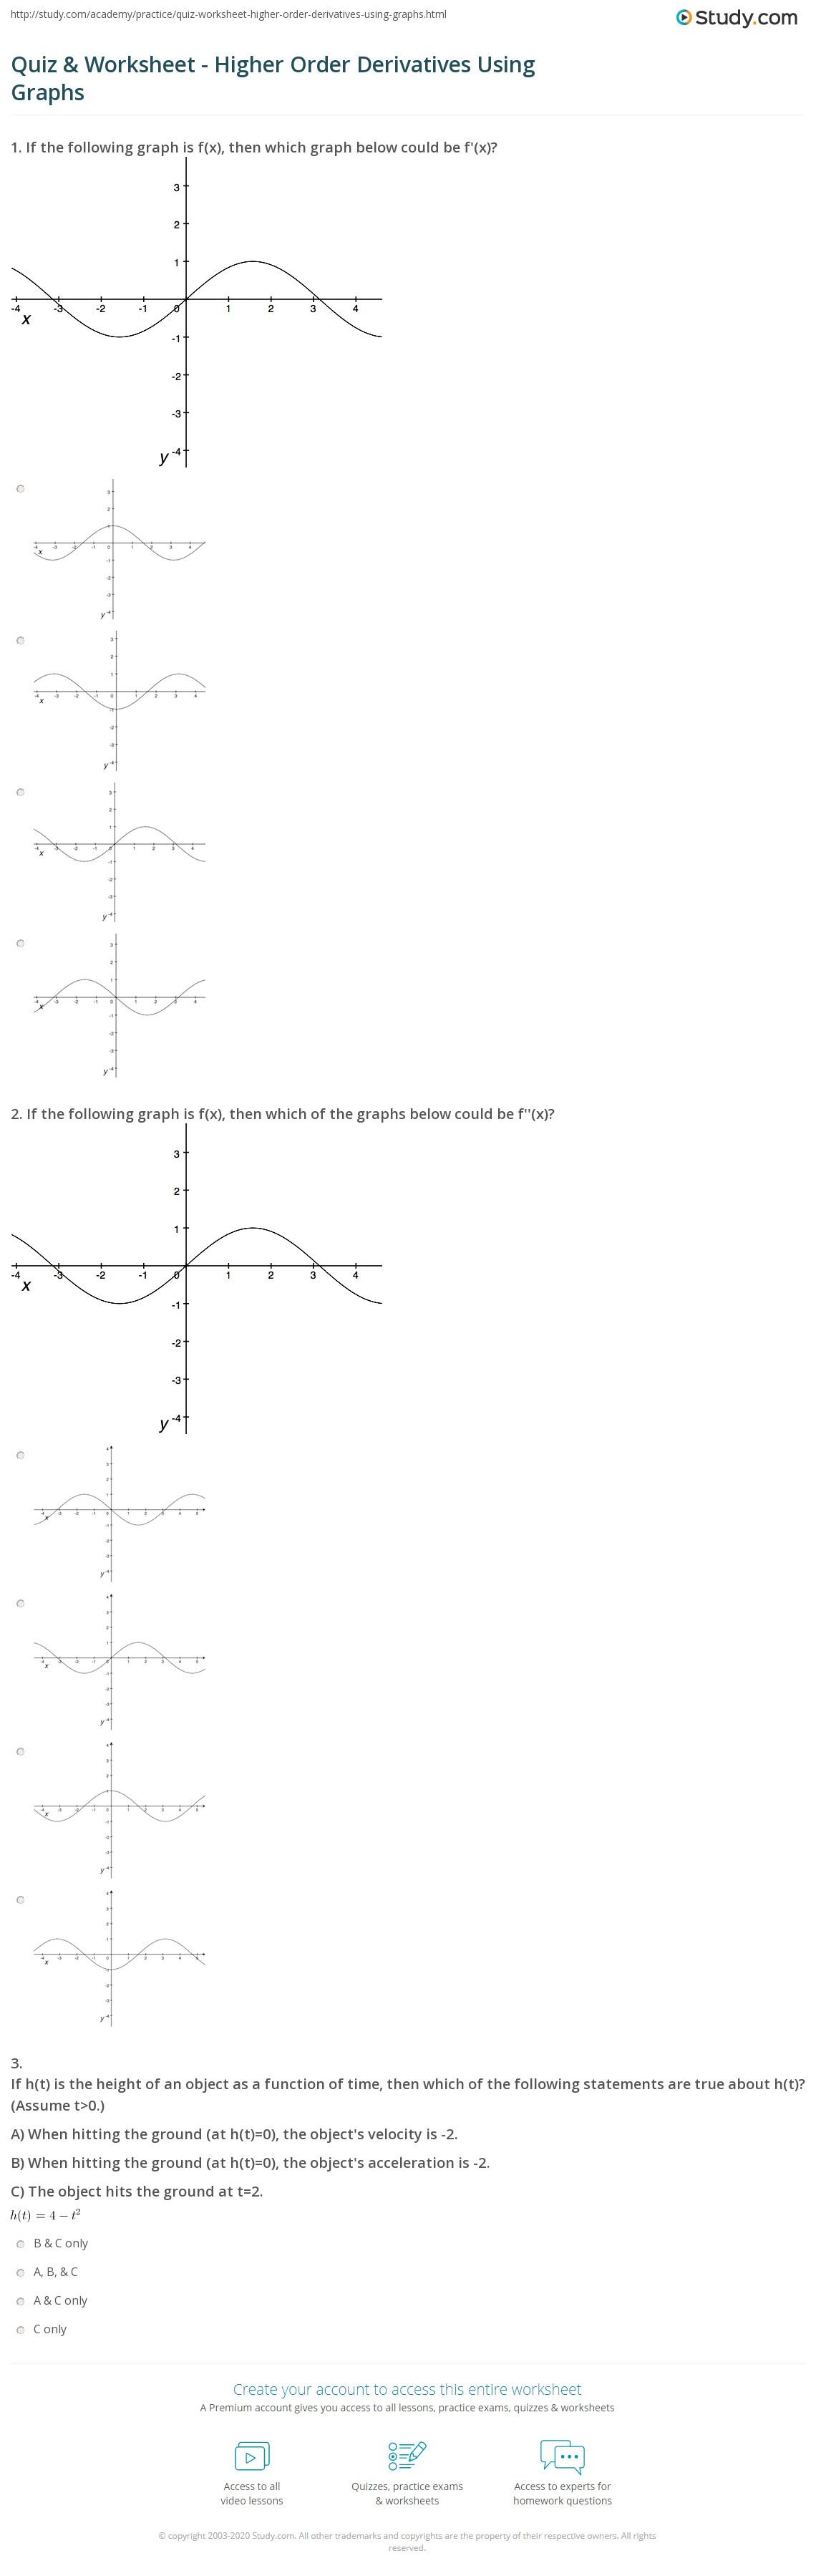 quiz worksheet higher order derivatives using graphs. Black Bedroom Furniture Sets. Home Design Ideas